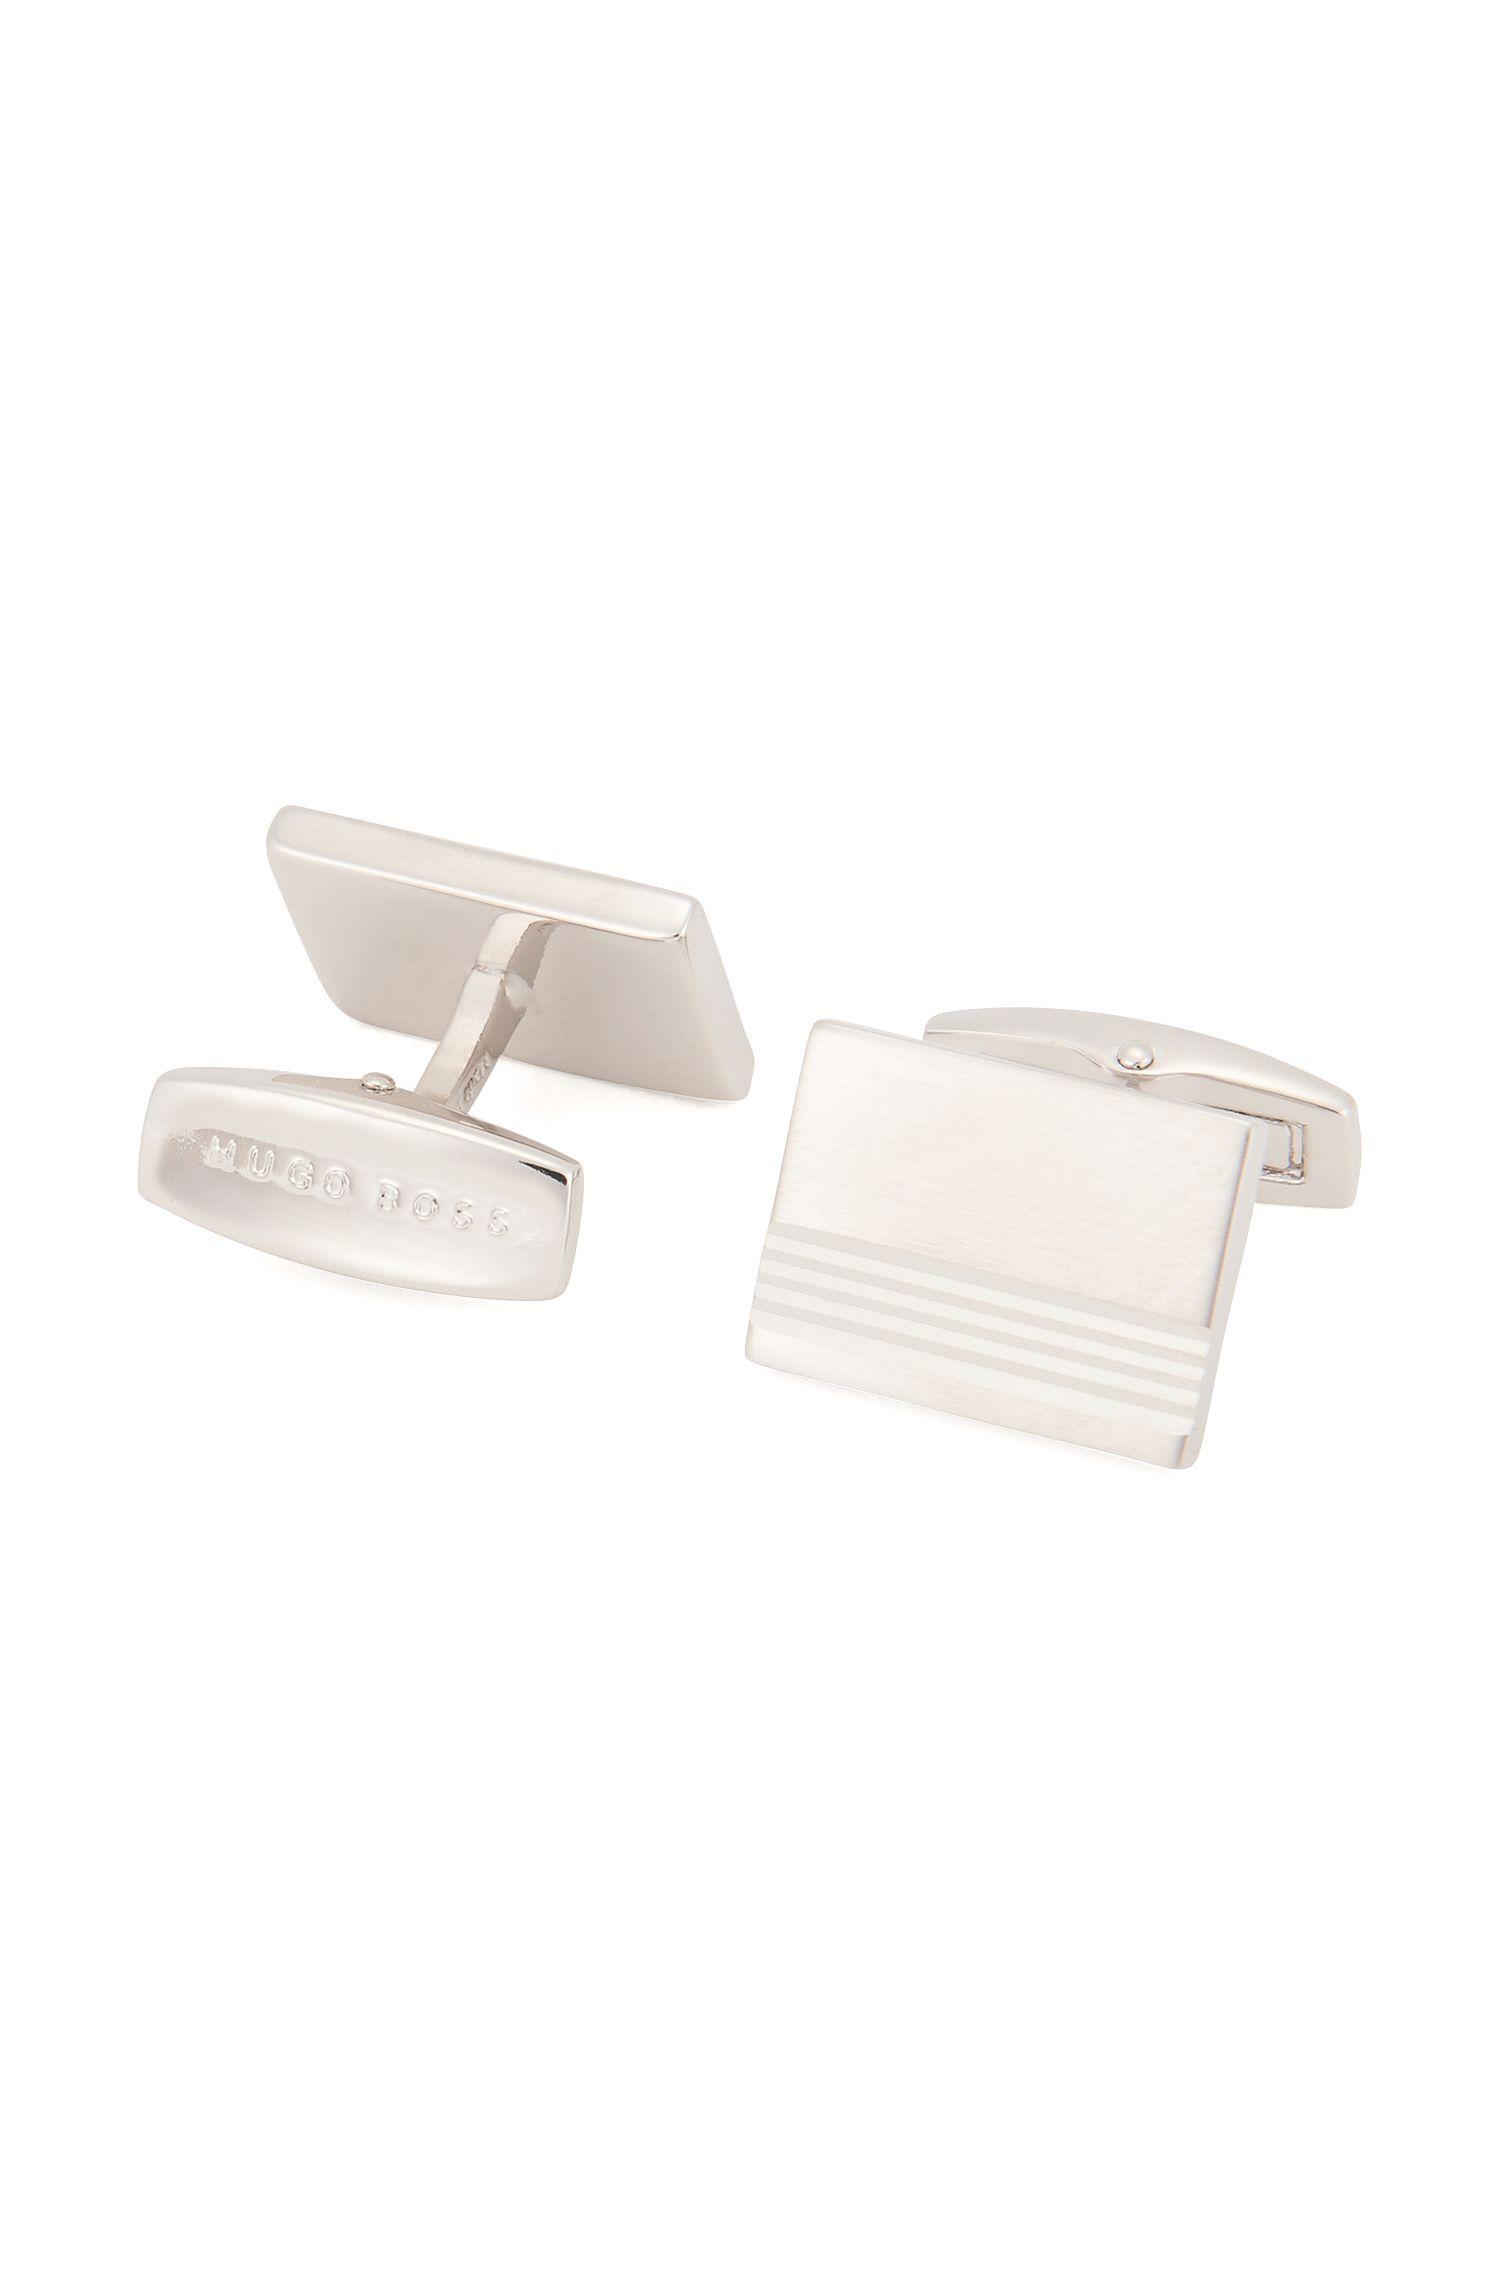 Boutons de manchette rectangulaires en métal brossé